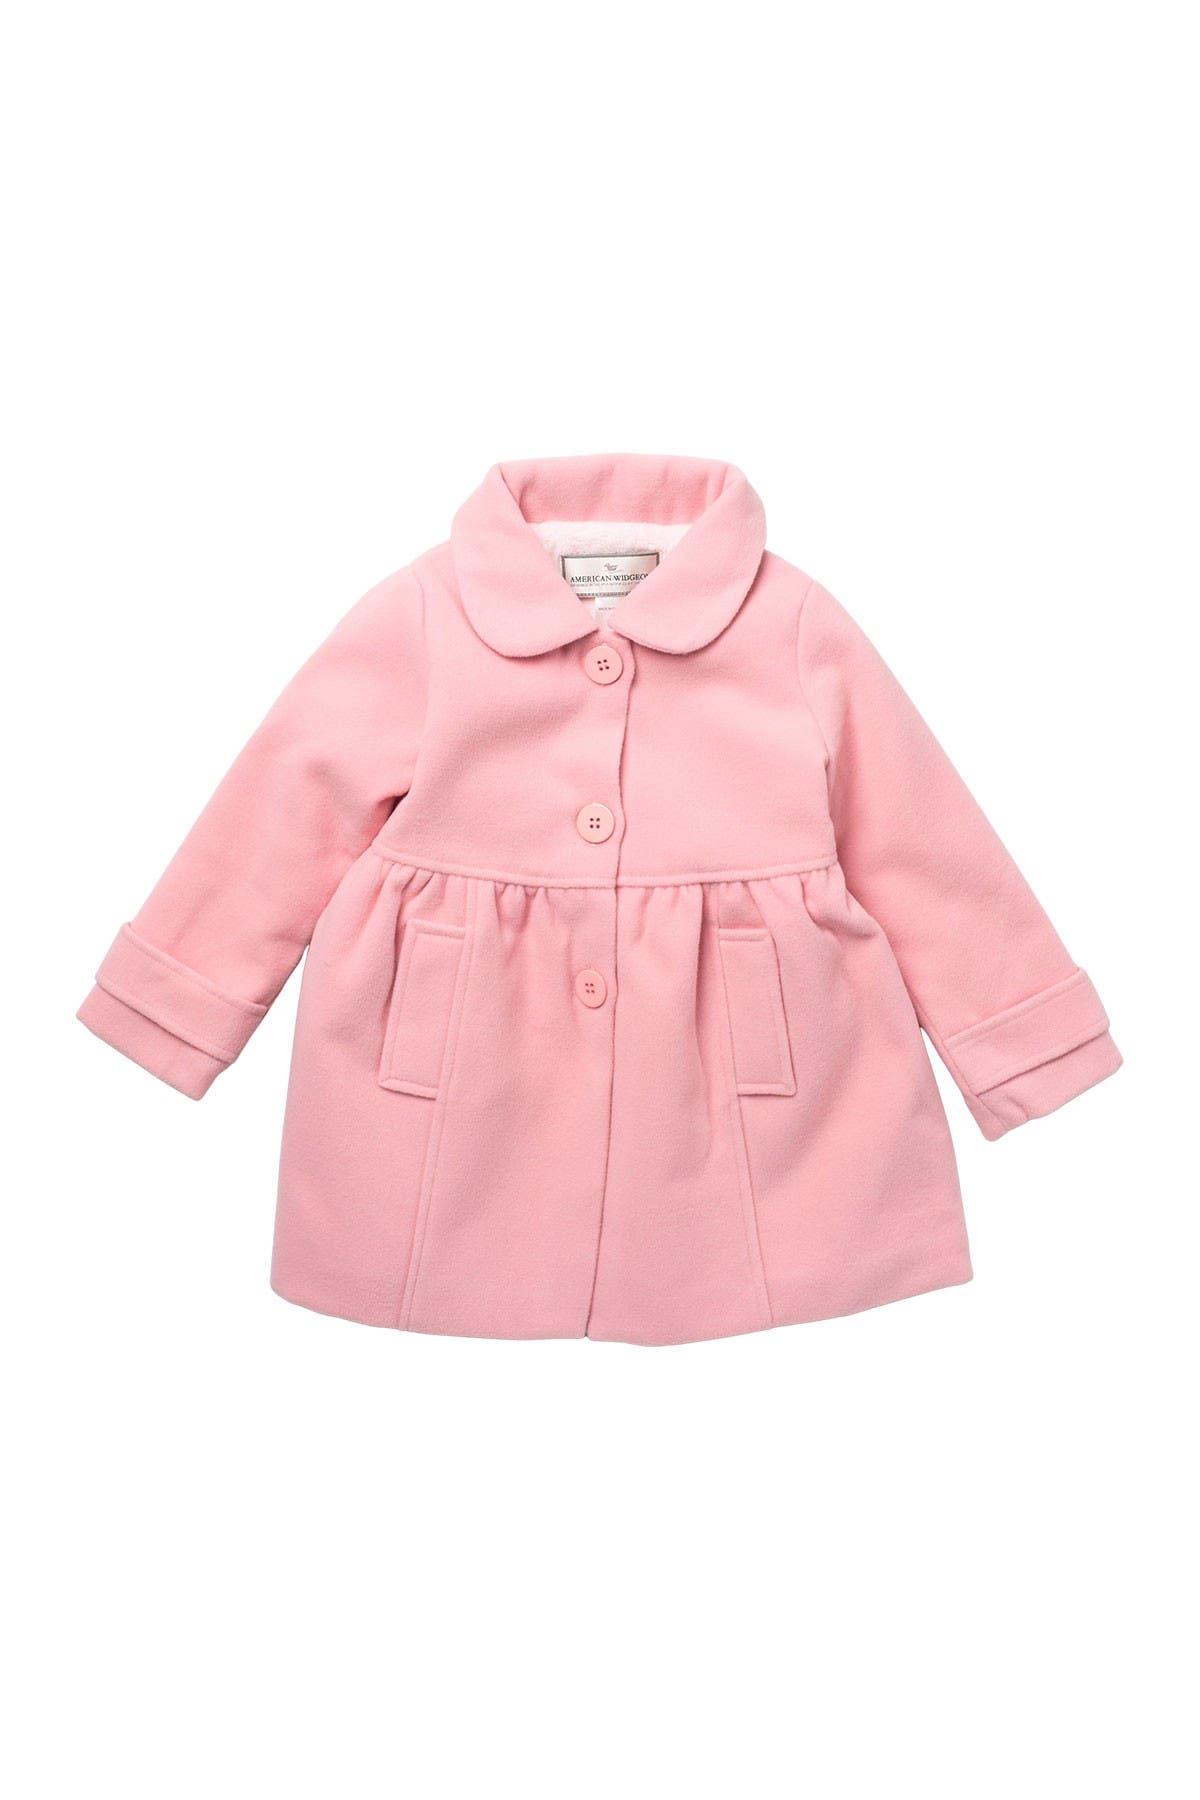 Image of WIDGEON School Coat